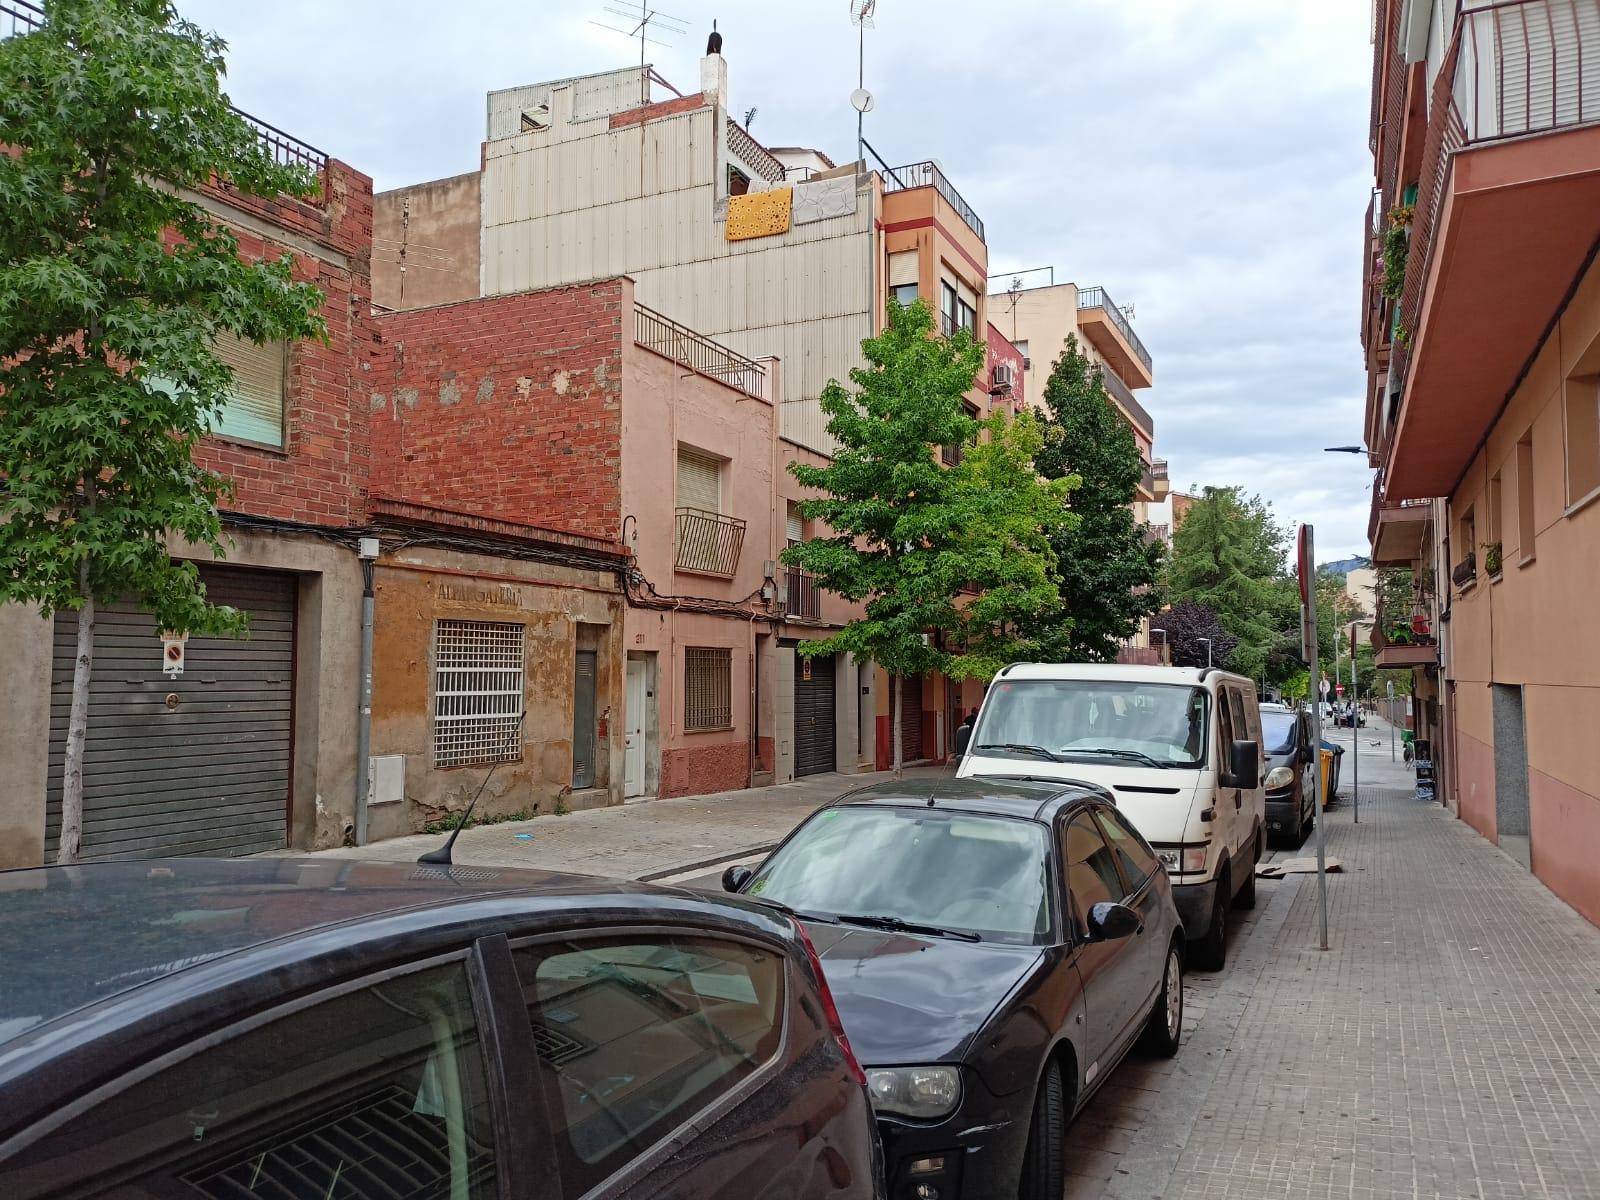 Lloc on s'ha produït l'incident de matinada, al carrer Dom Bosco | J.M.O.